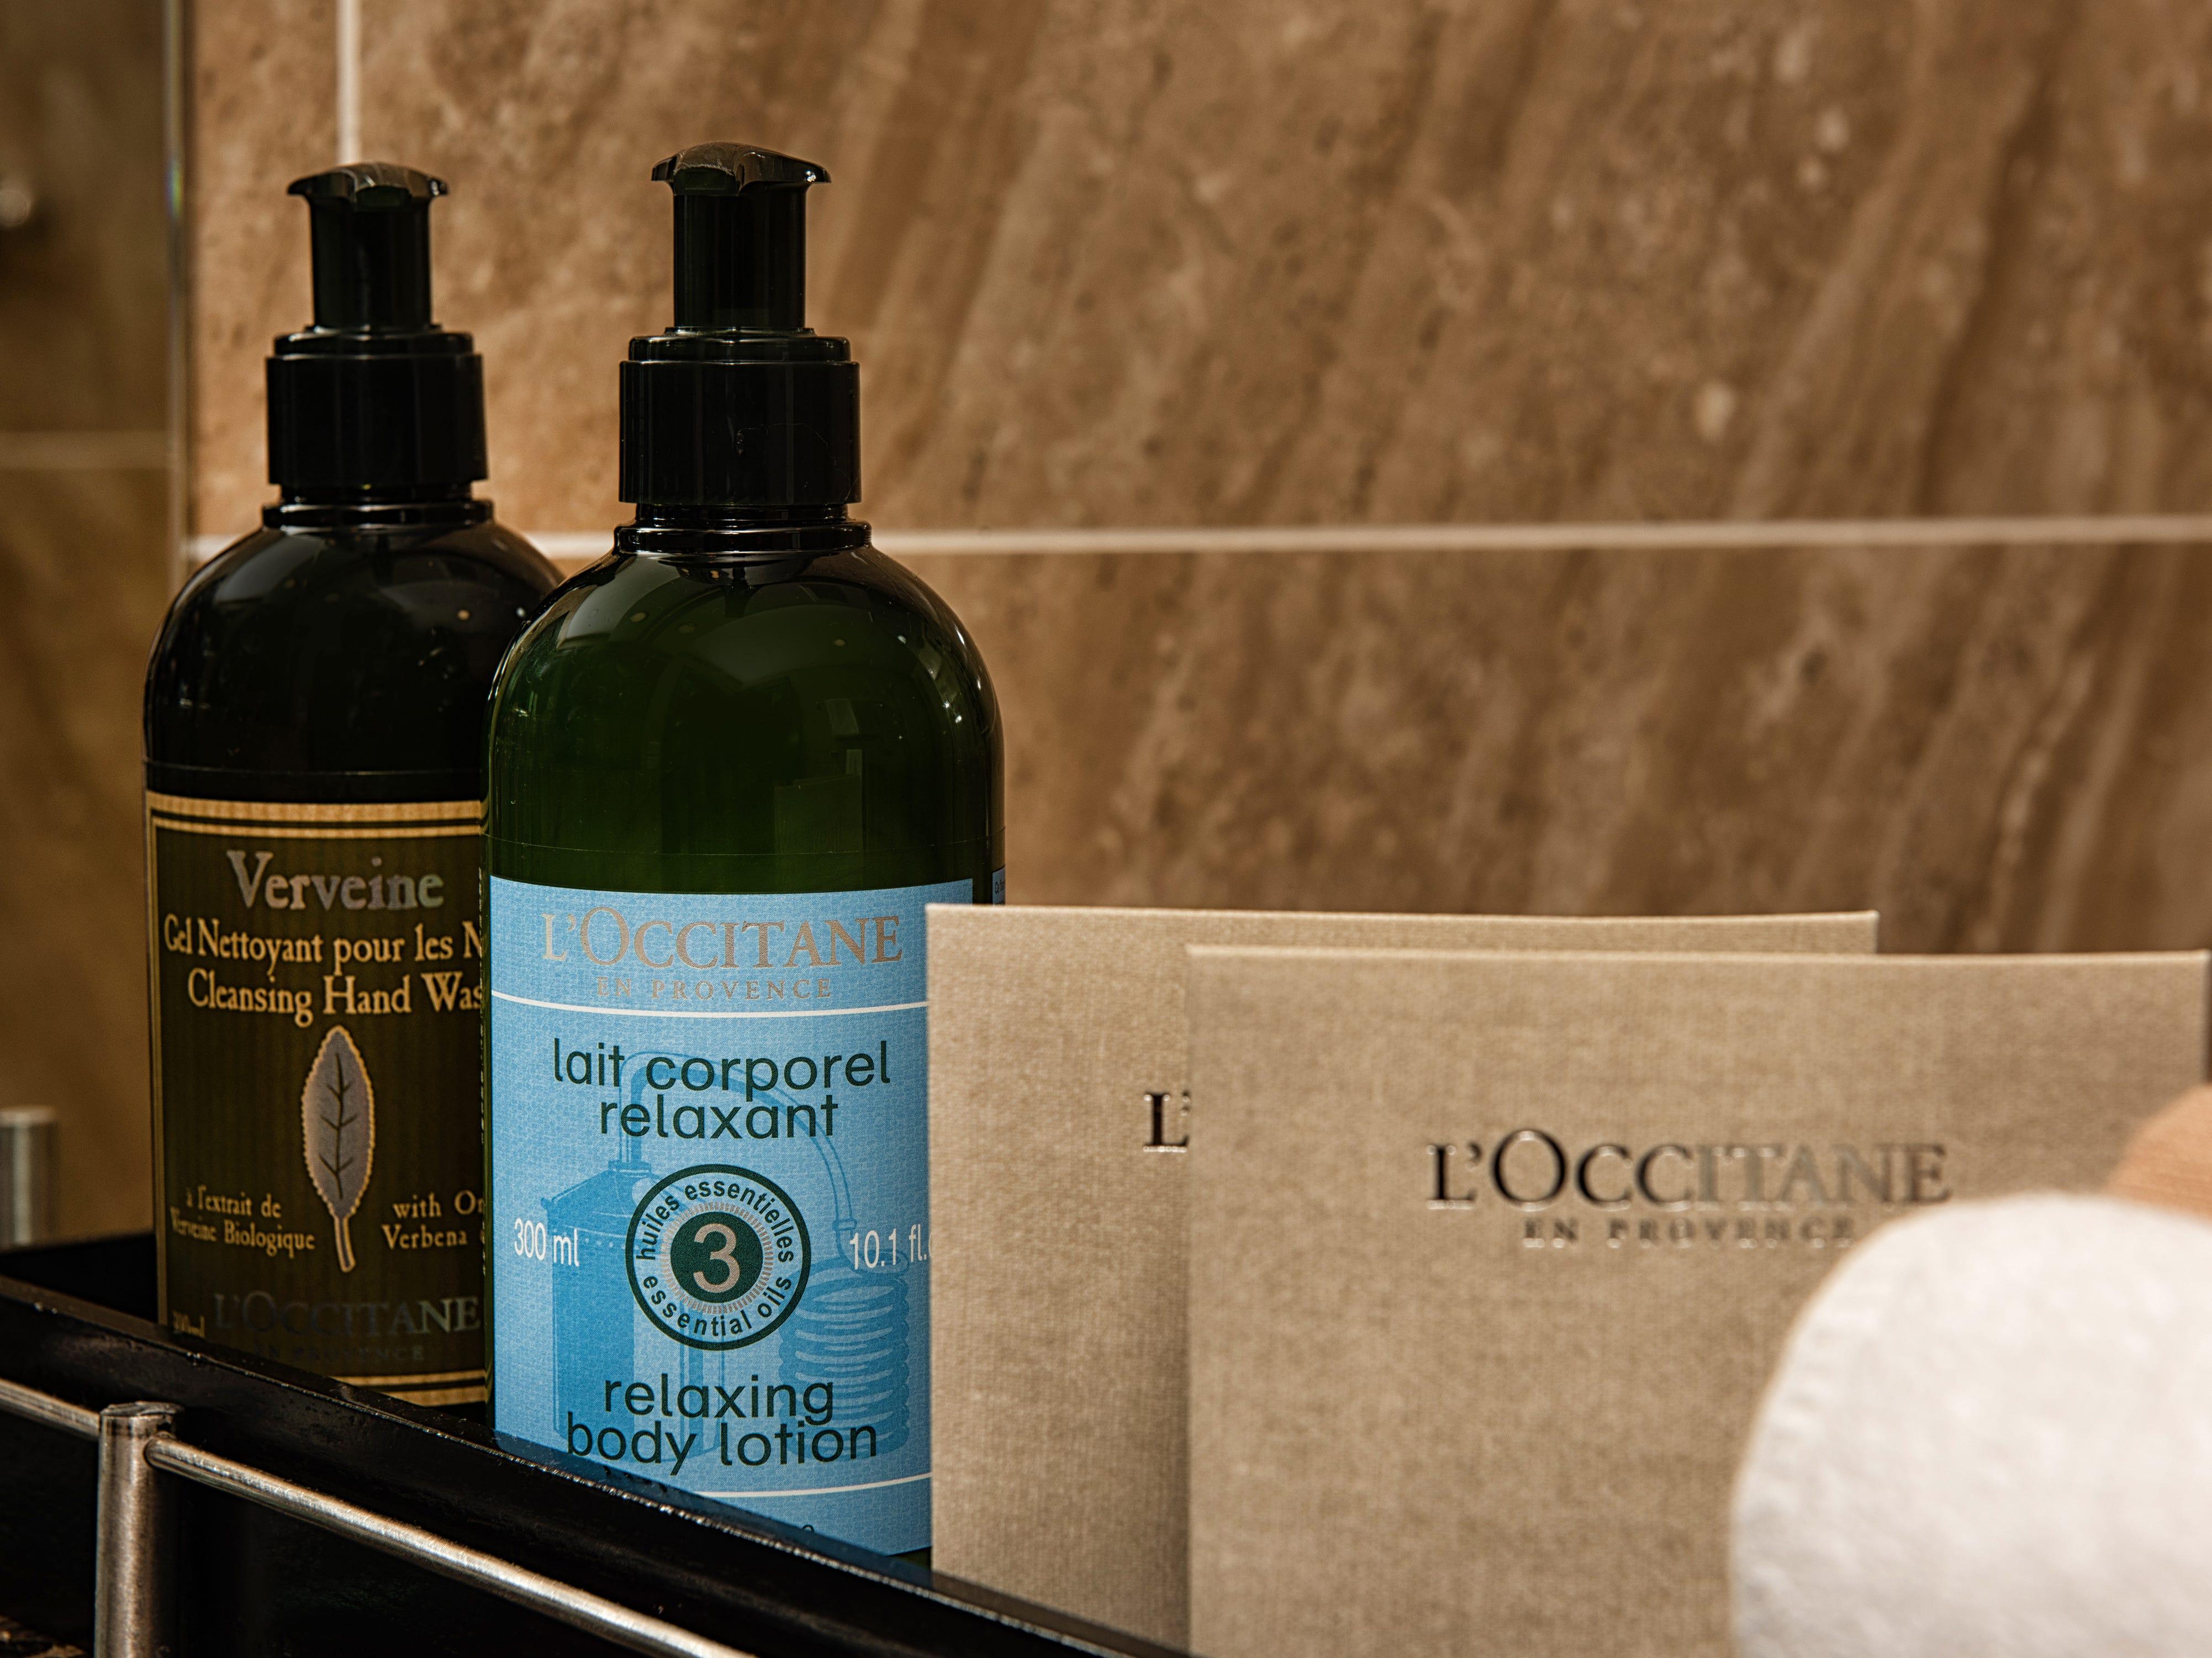 Avalon Saigon suite bathrooms feature upscale L'Occitane products.